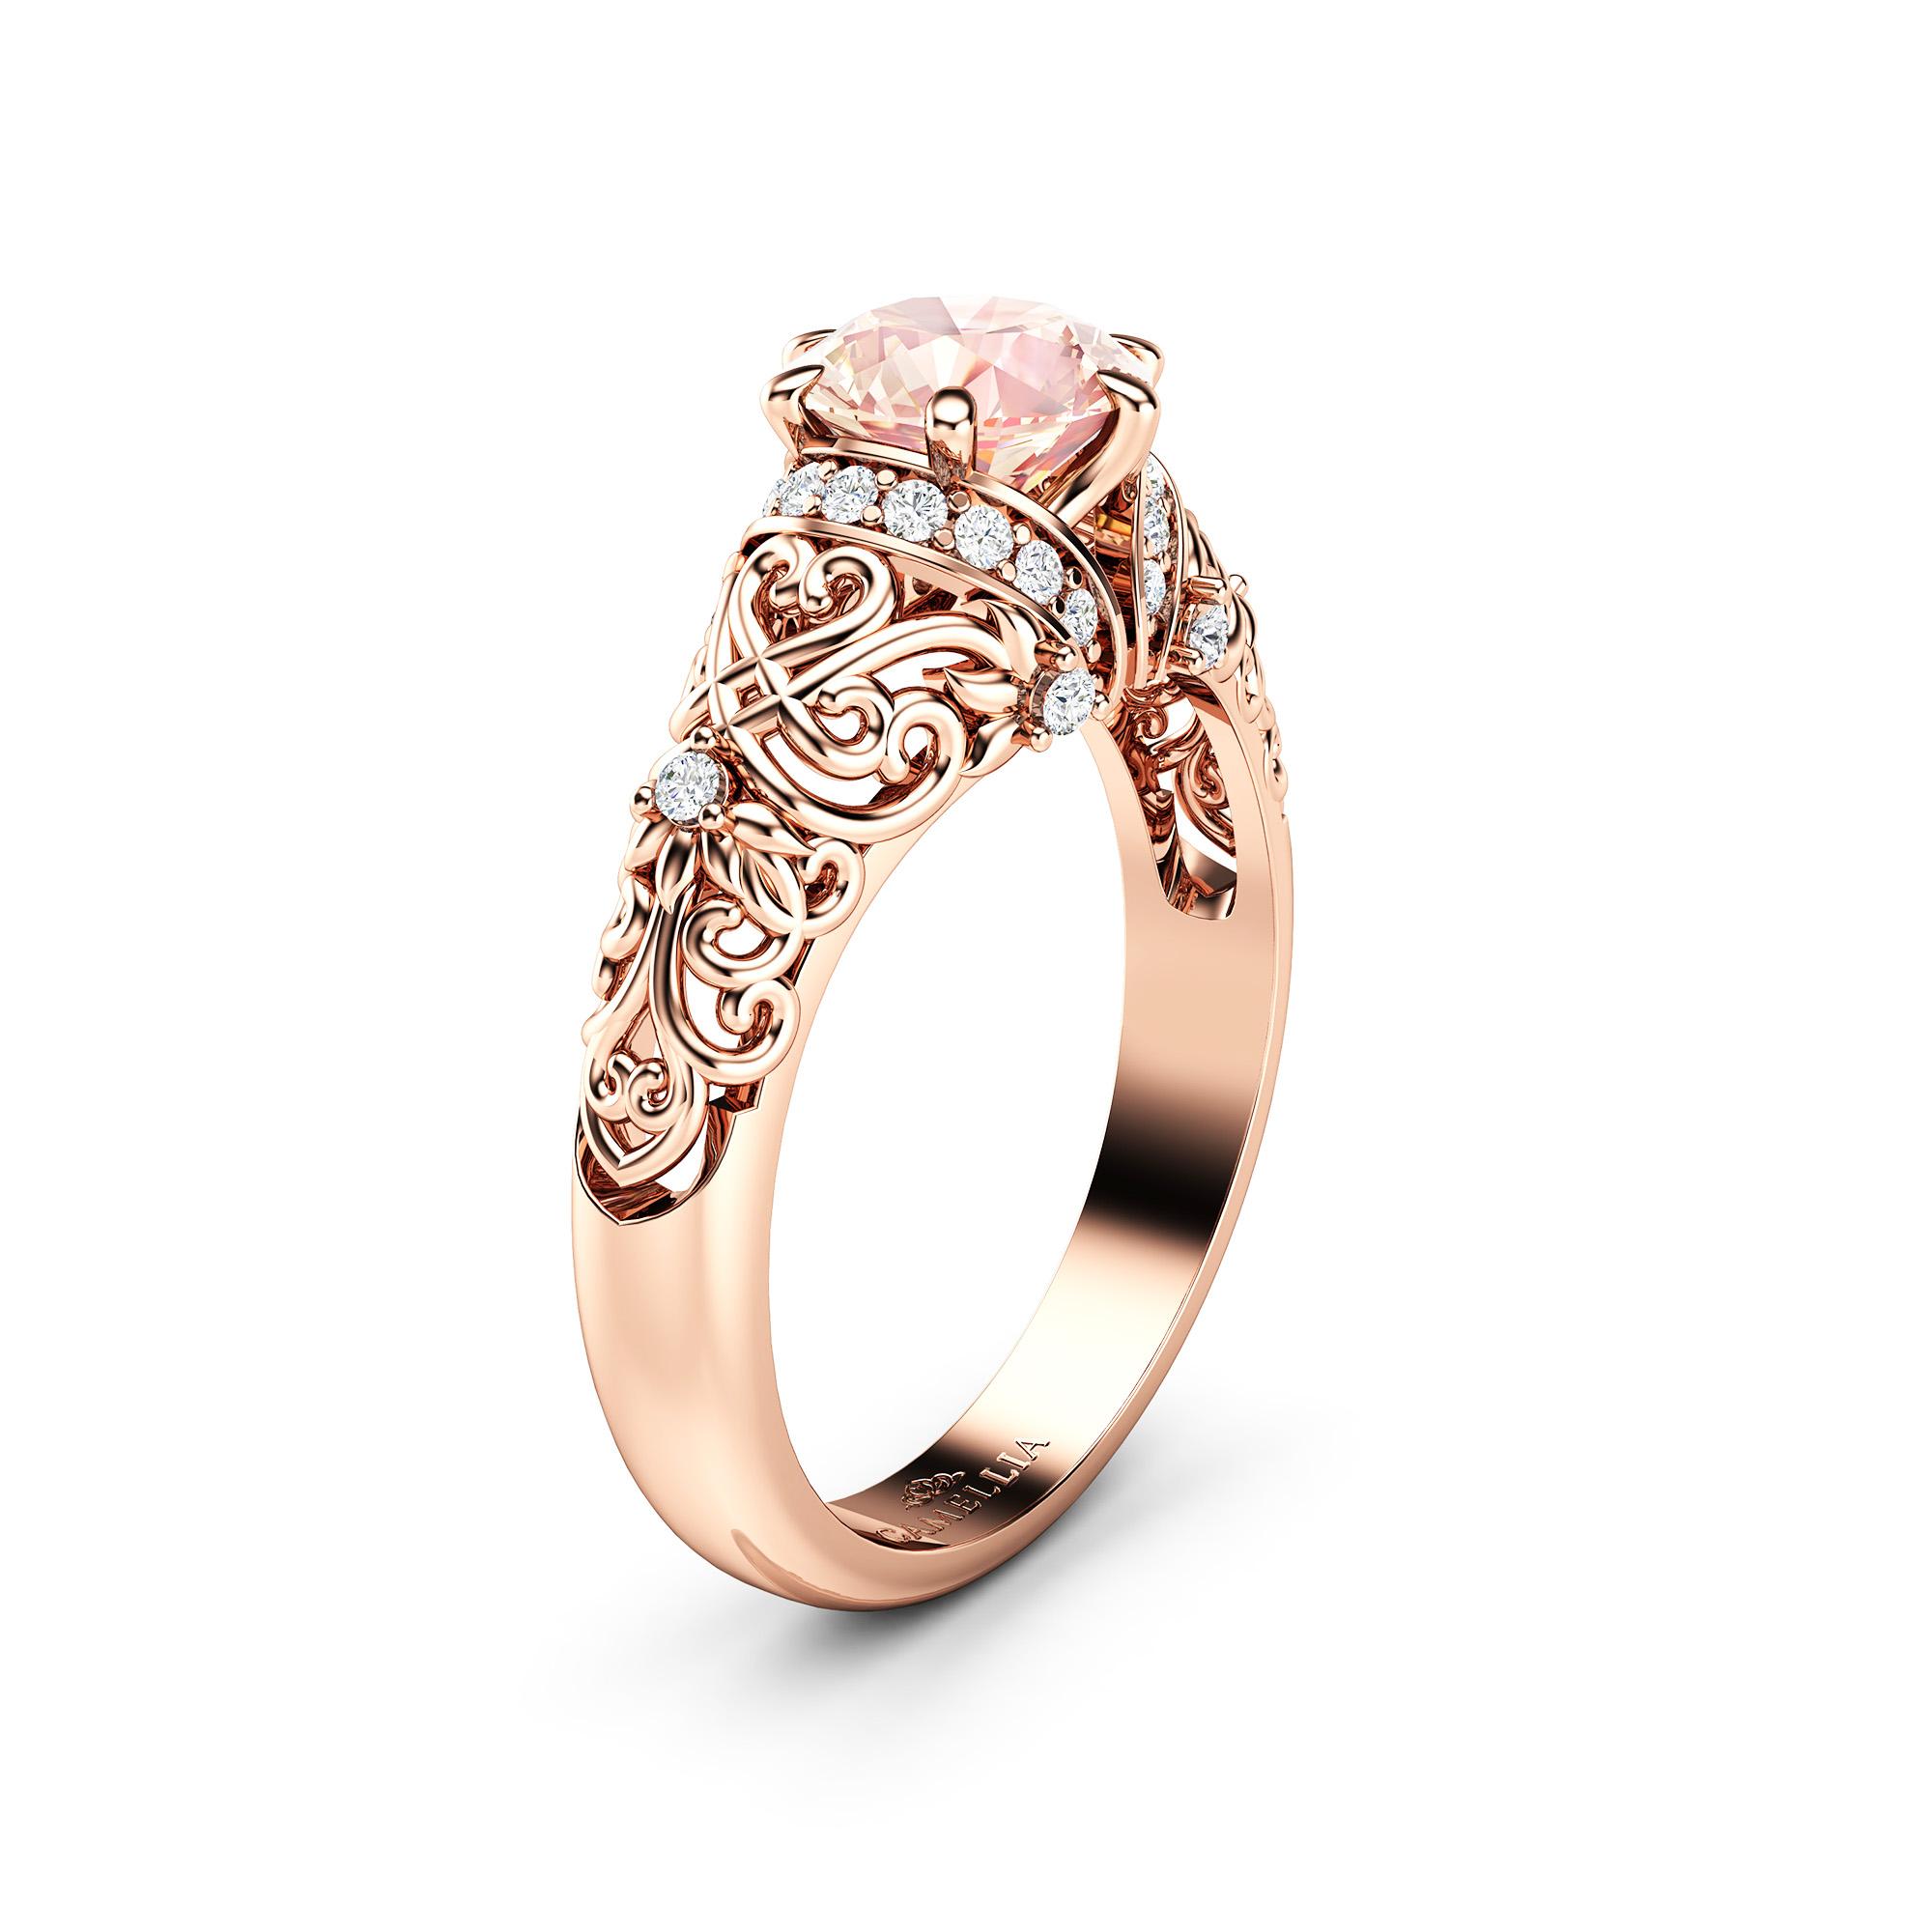 Morganite & Natural Diamonds Engagement Ring 14K Rose Gold Ring 1 Carat Engagement Ring